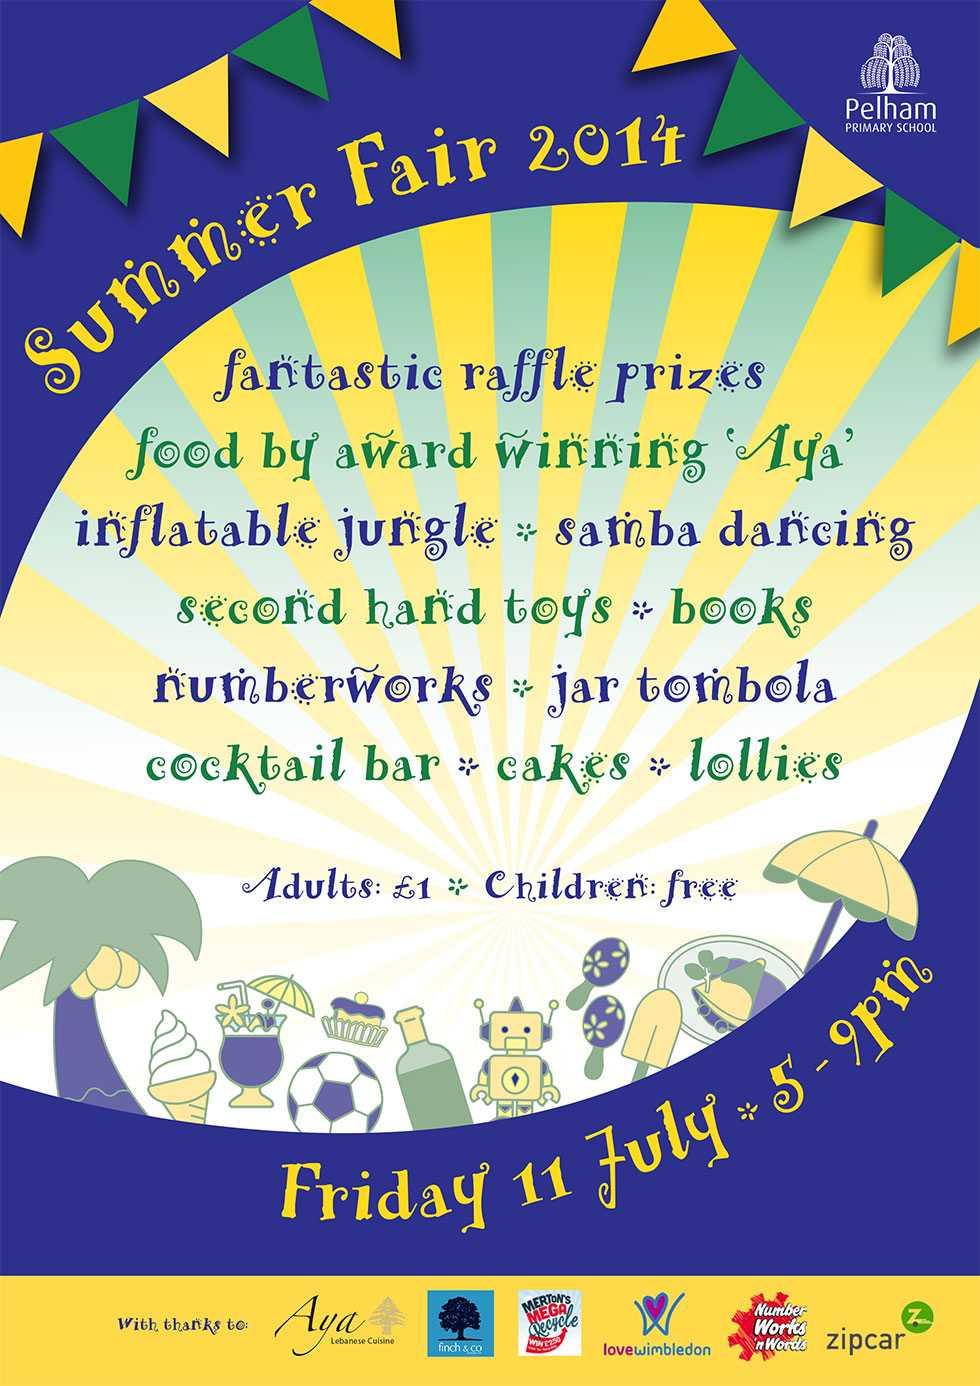 Pelham Primary School summer-fair-2014